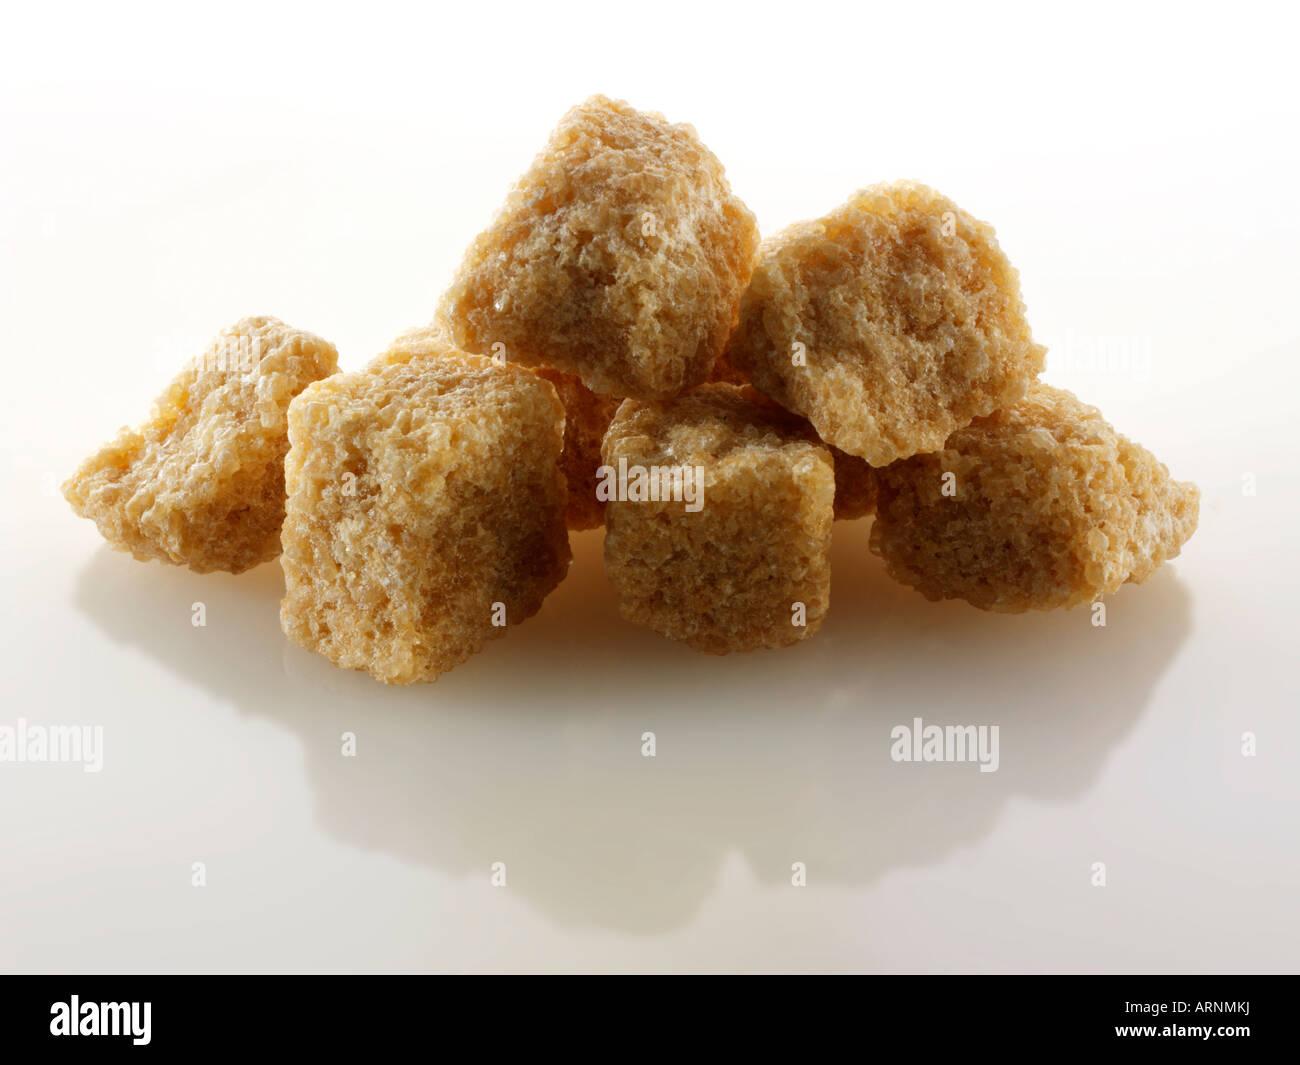 Rough cut di zucchero di canna grezzo Demerara cubi Immagini Stock